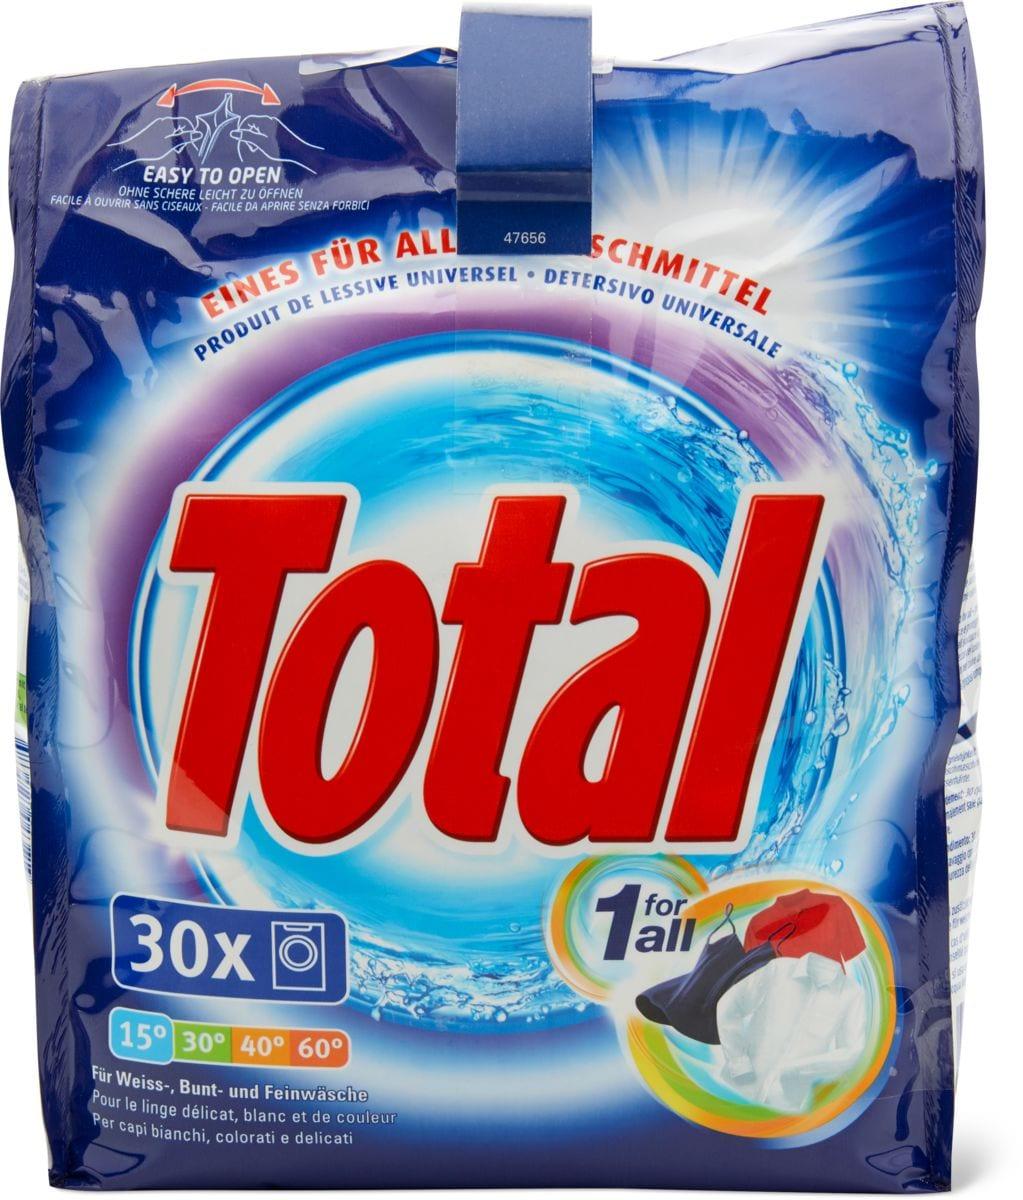 Total Produit de lessive universel